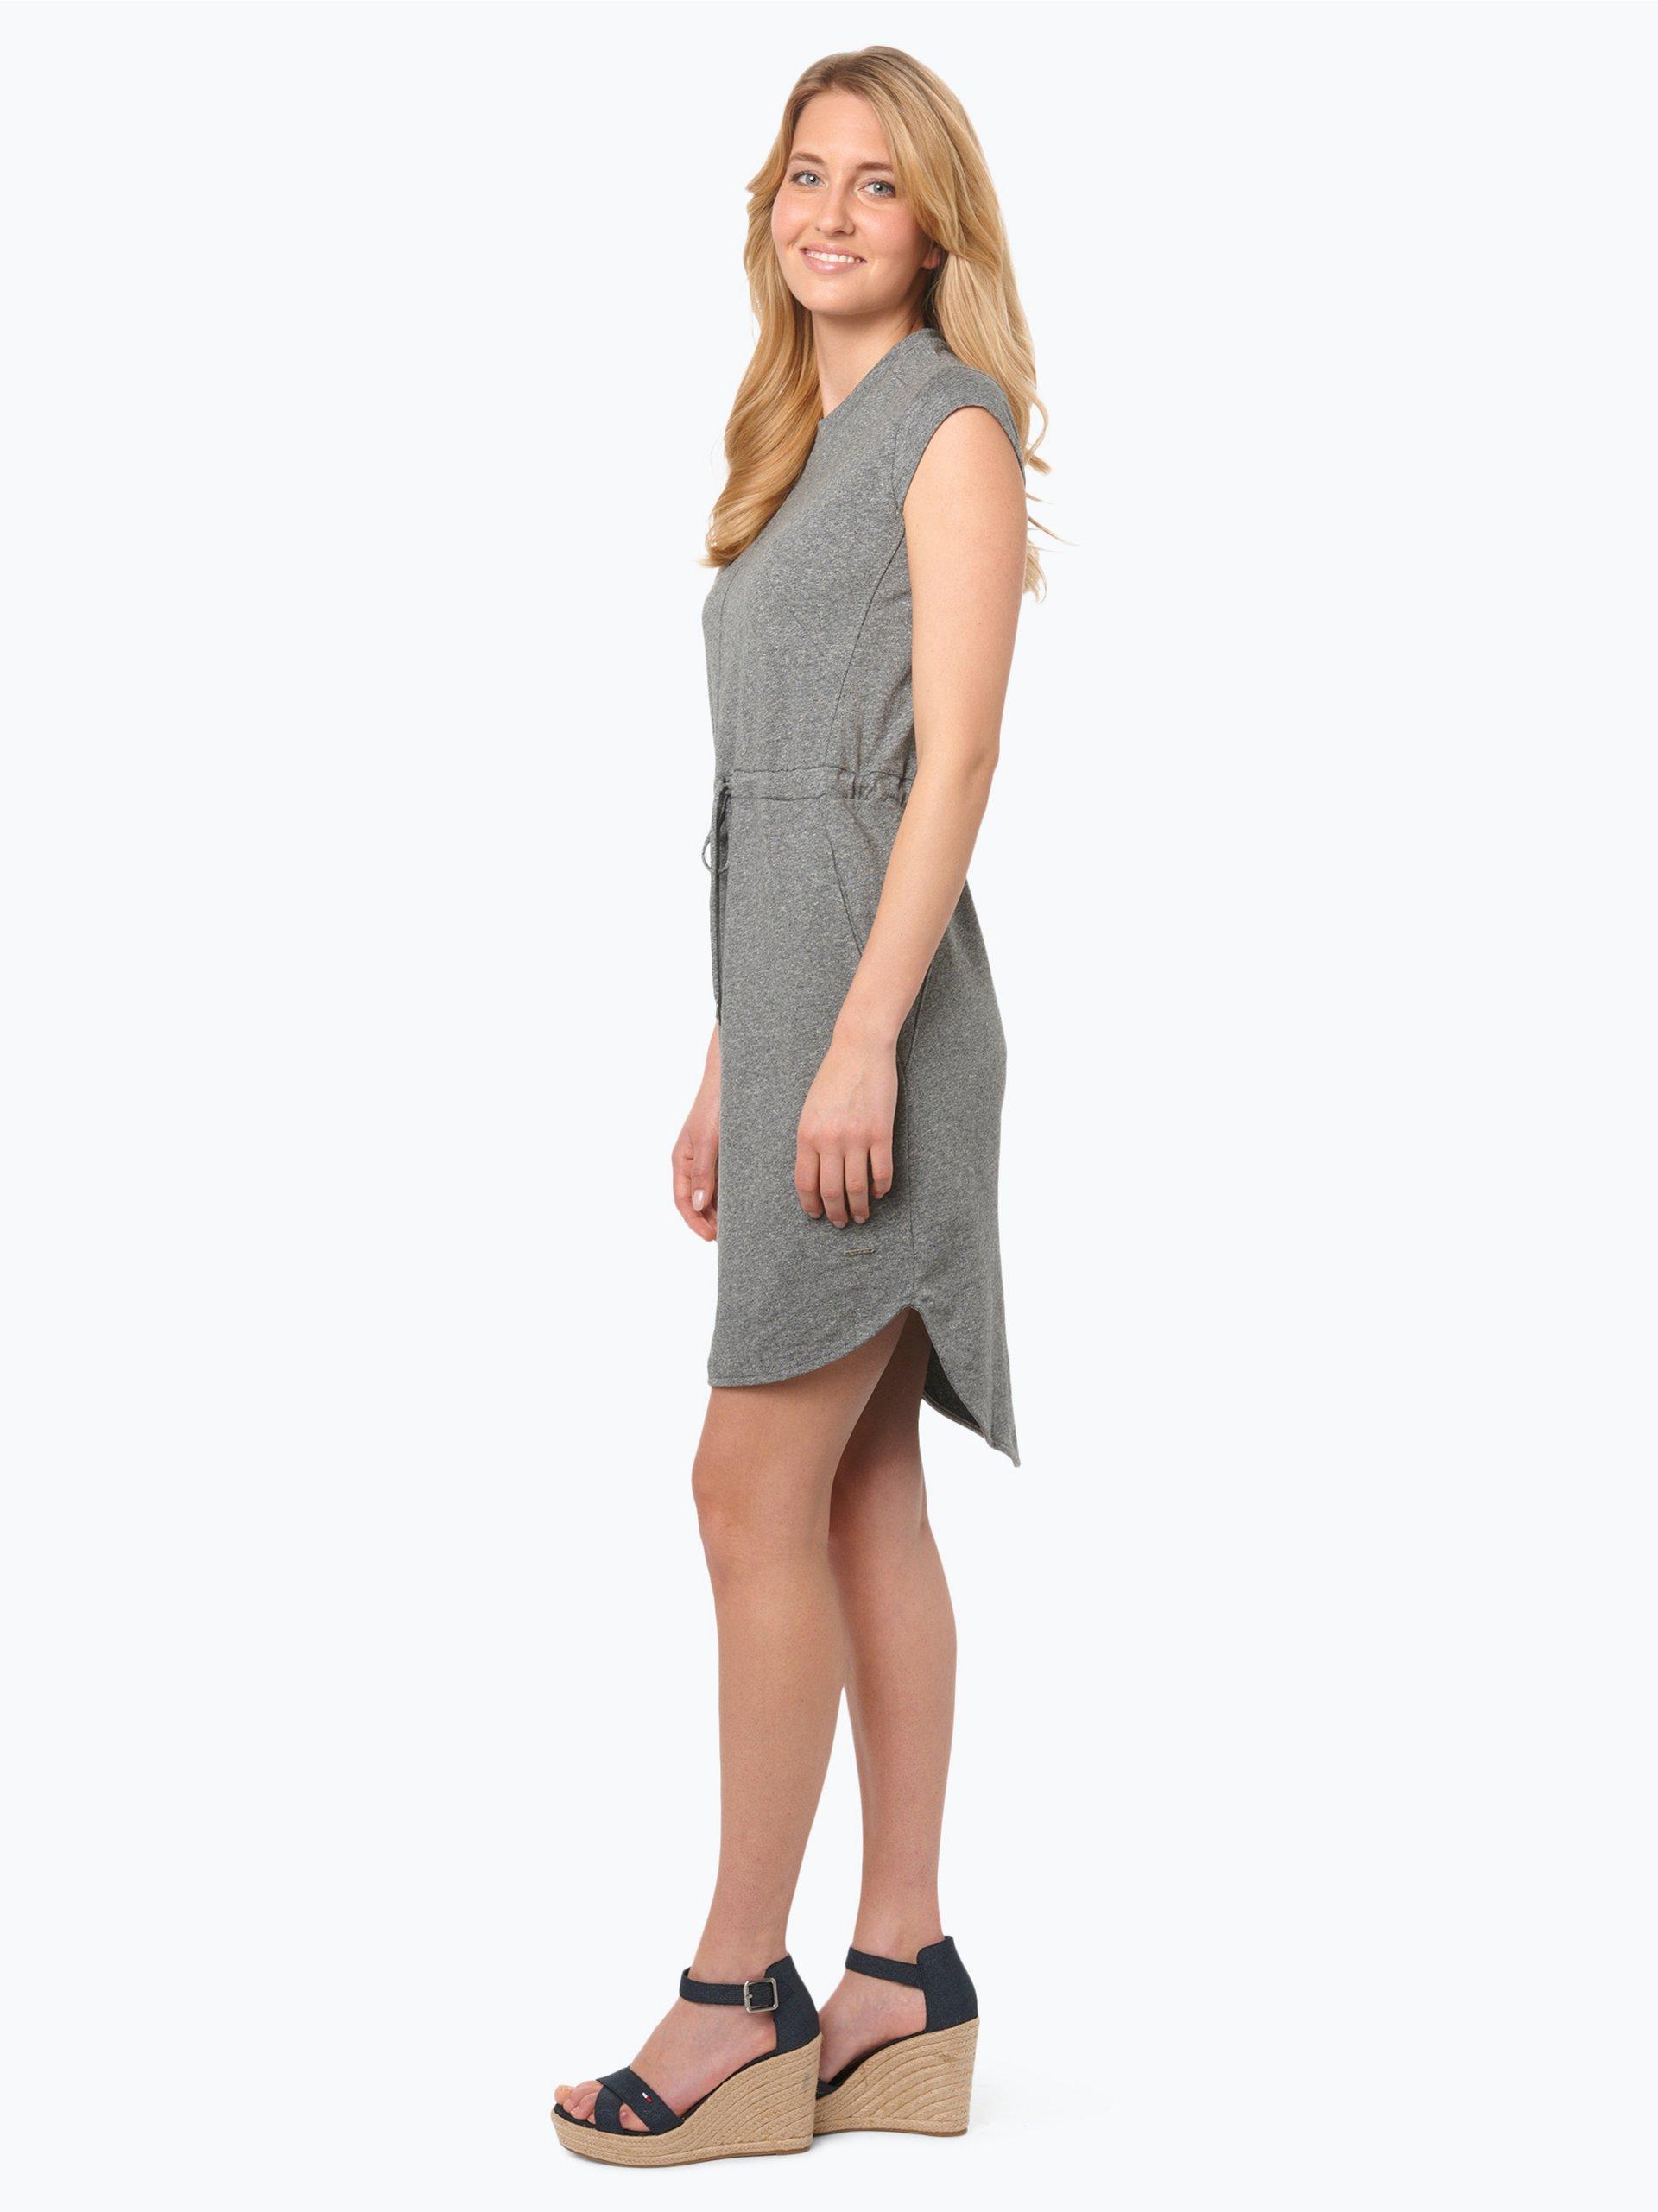 calvin klein jeans damen kleid wei uni online kaufen peek und cloppenburg de. Black Bedroom Furniture Sets. Home Design Ideas